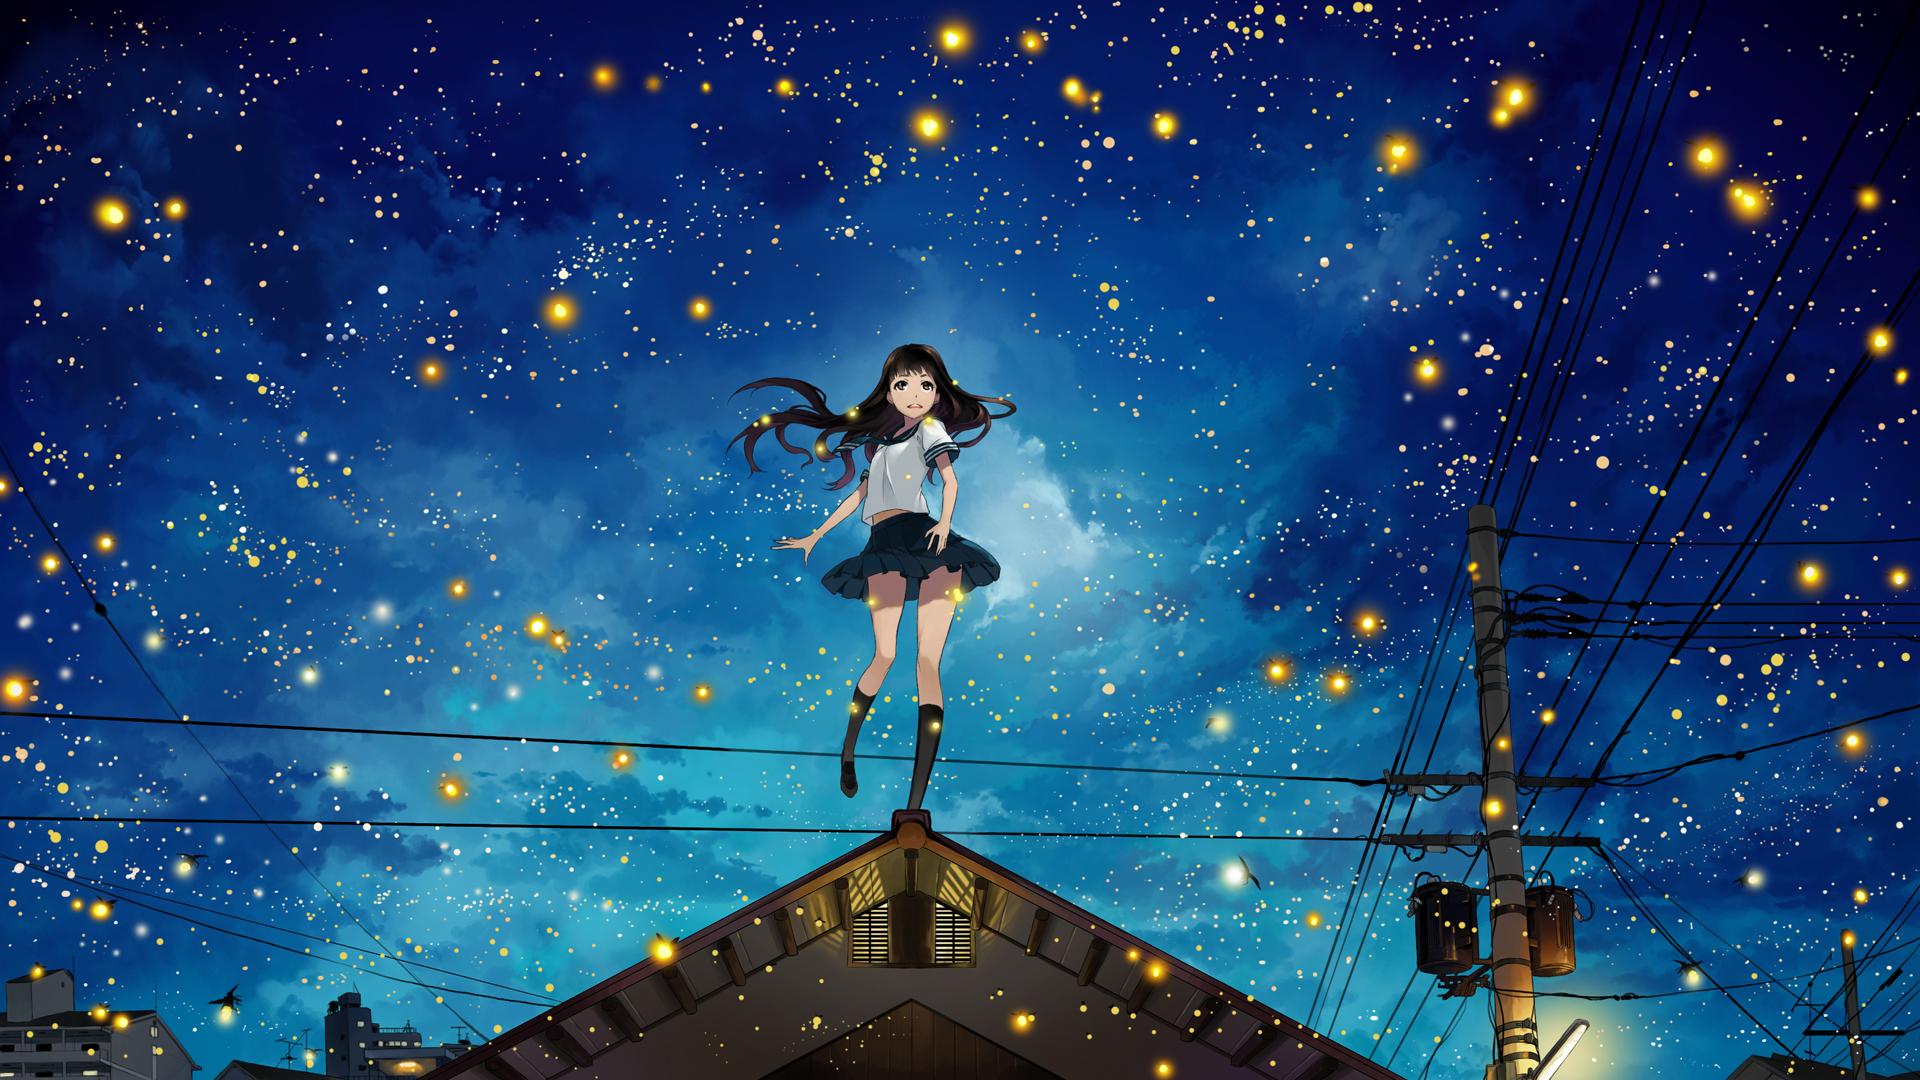 Justminor Hd Wallpaper 1537571 Zerochan Anime Image Board